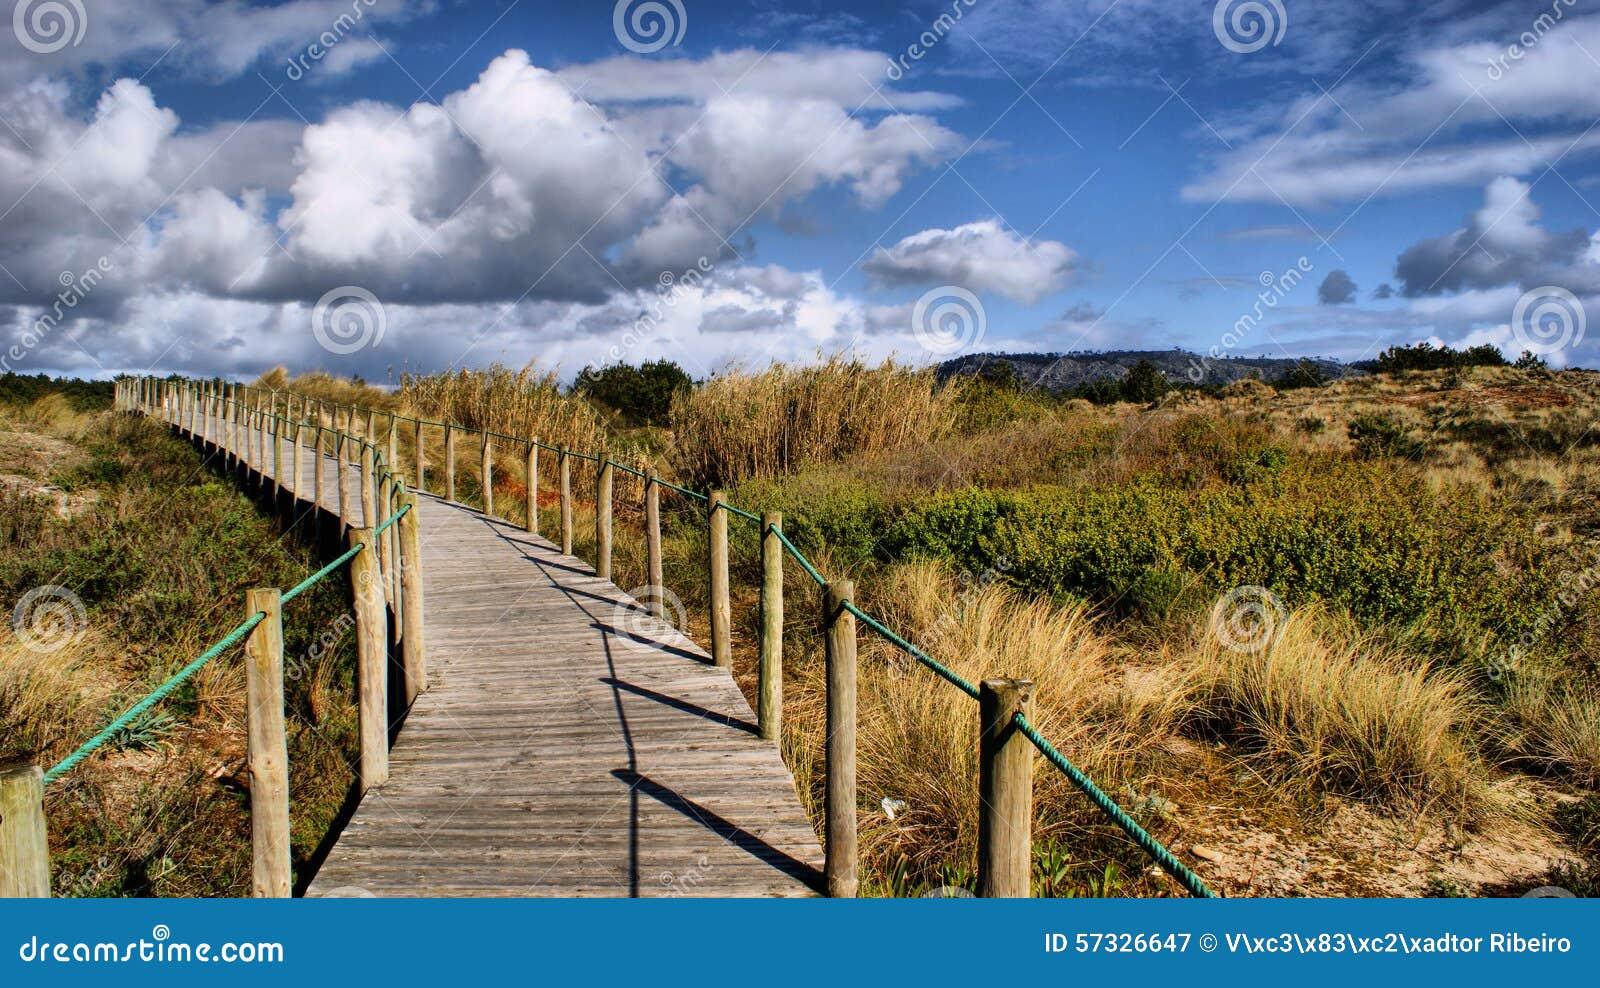 Paths on the beach